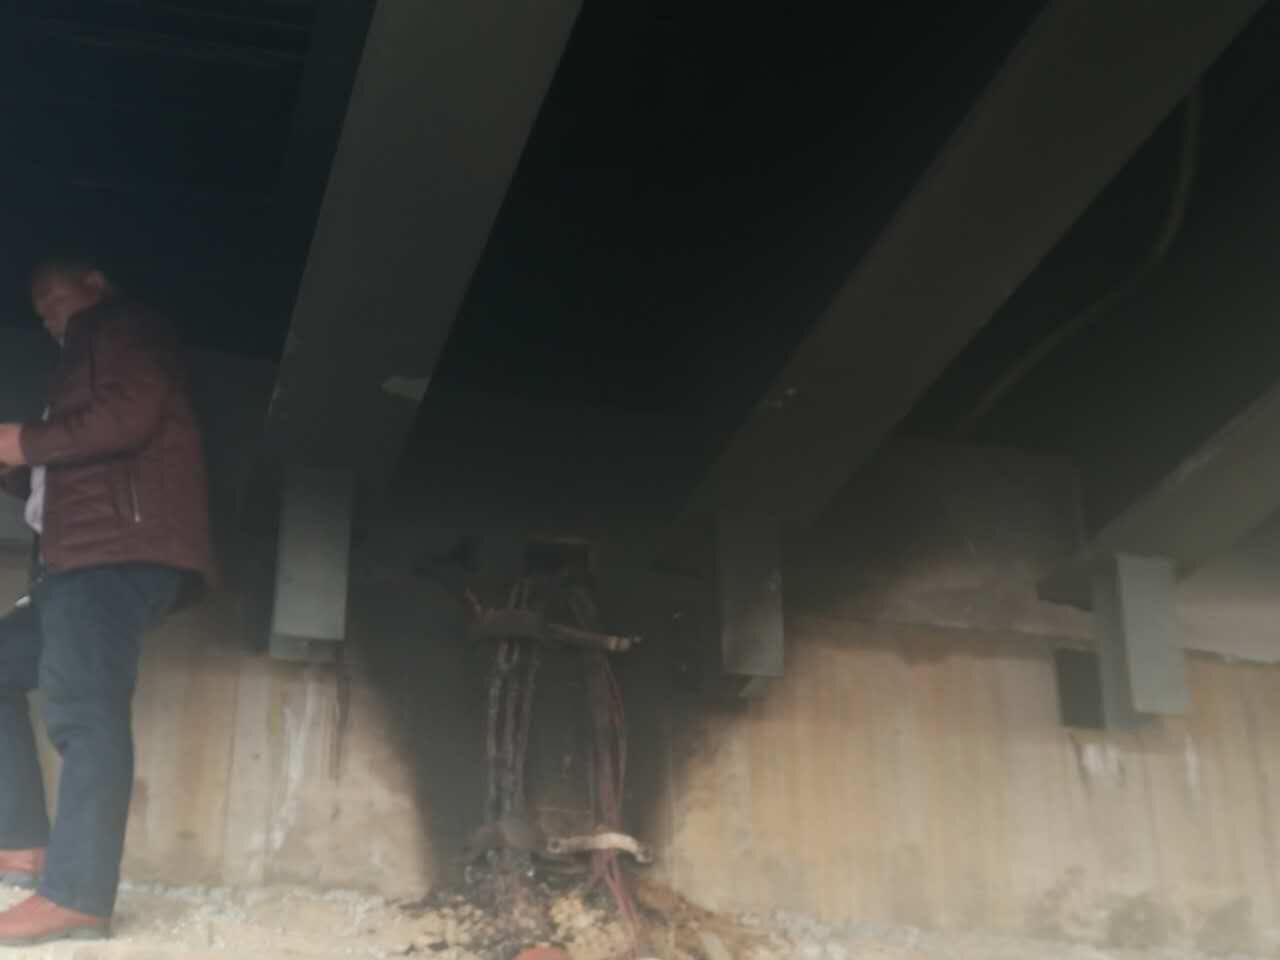 莒安大桥昨夜失火灯光全灭 为电路火灾